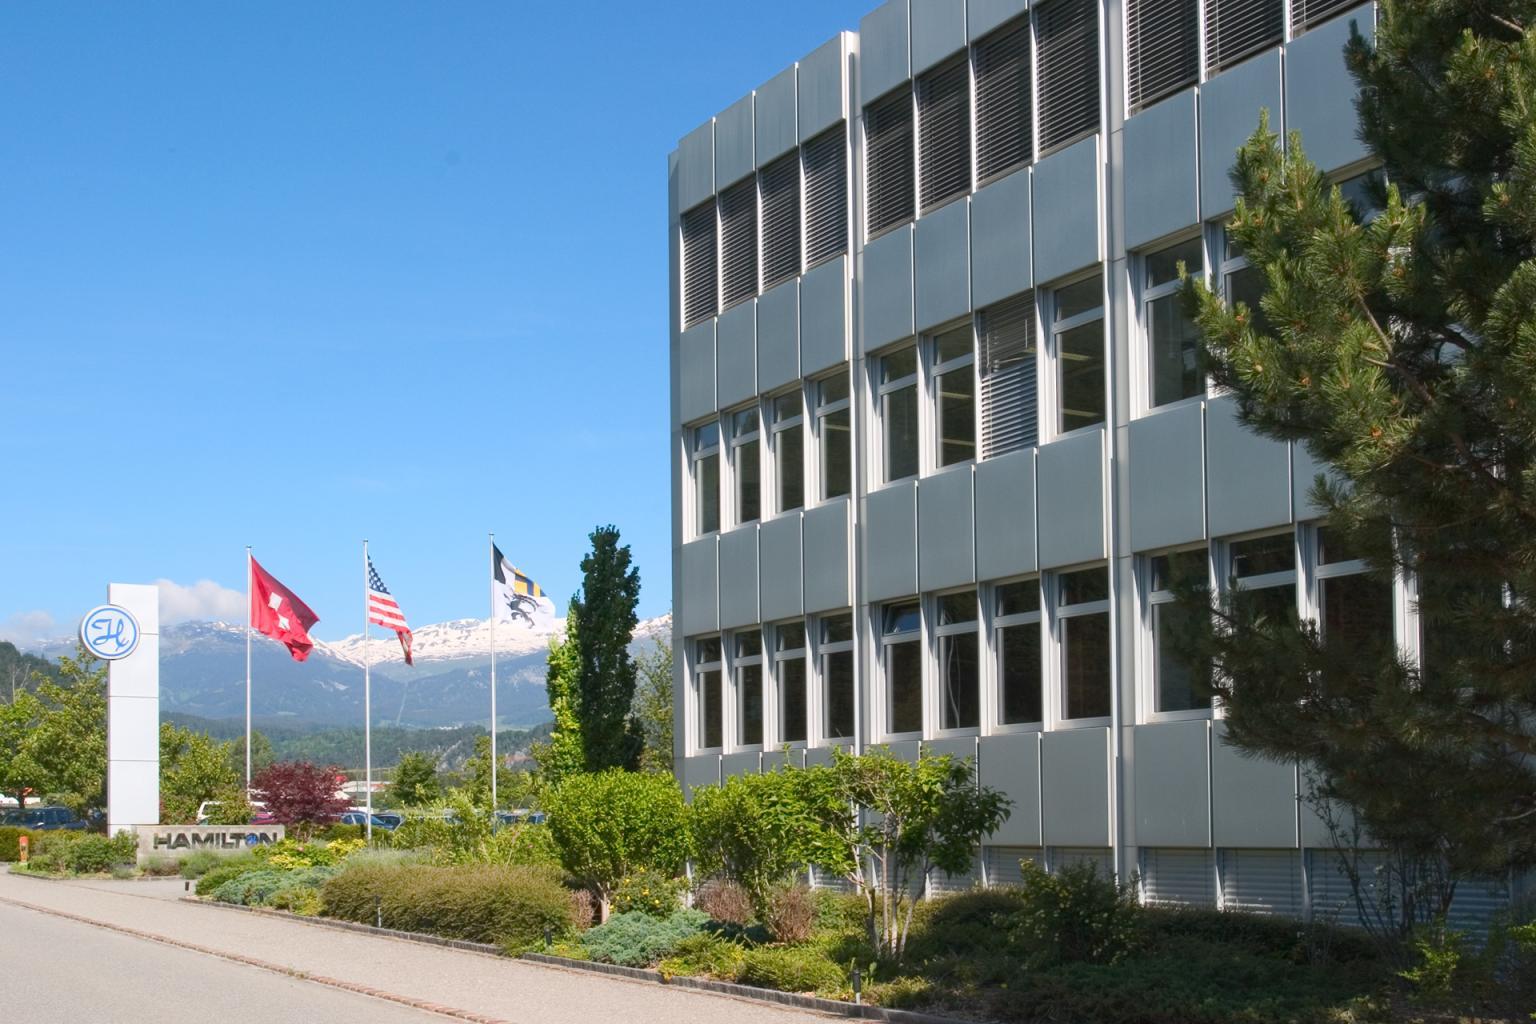 Hamilton Headquarter in Bonaduz